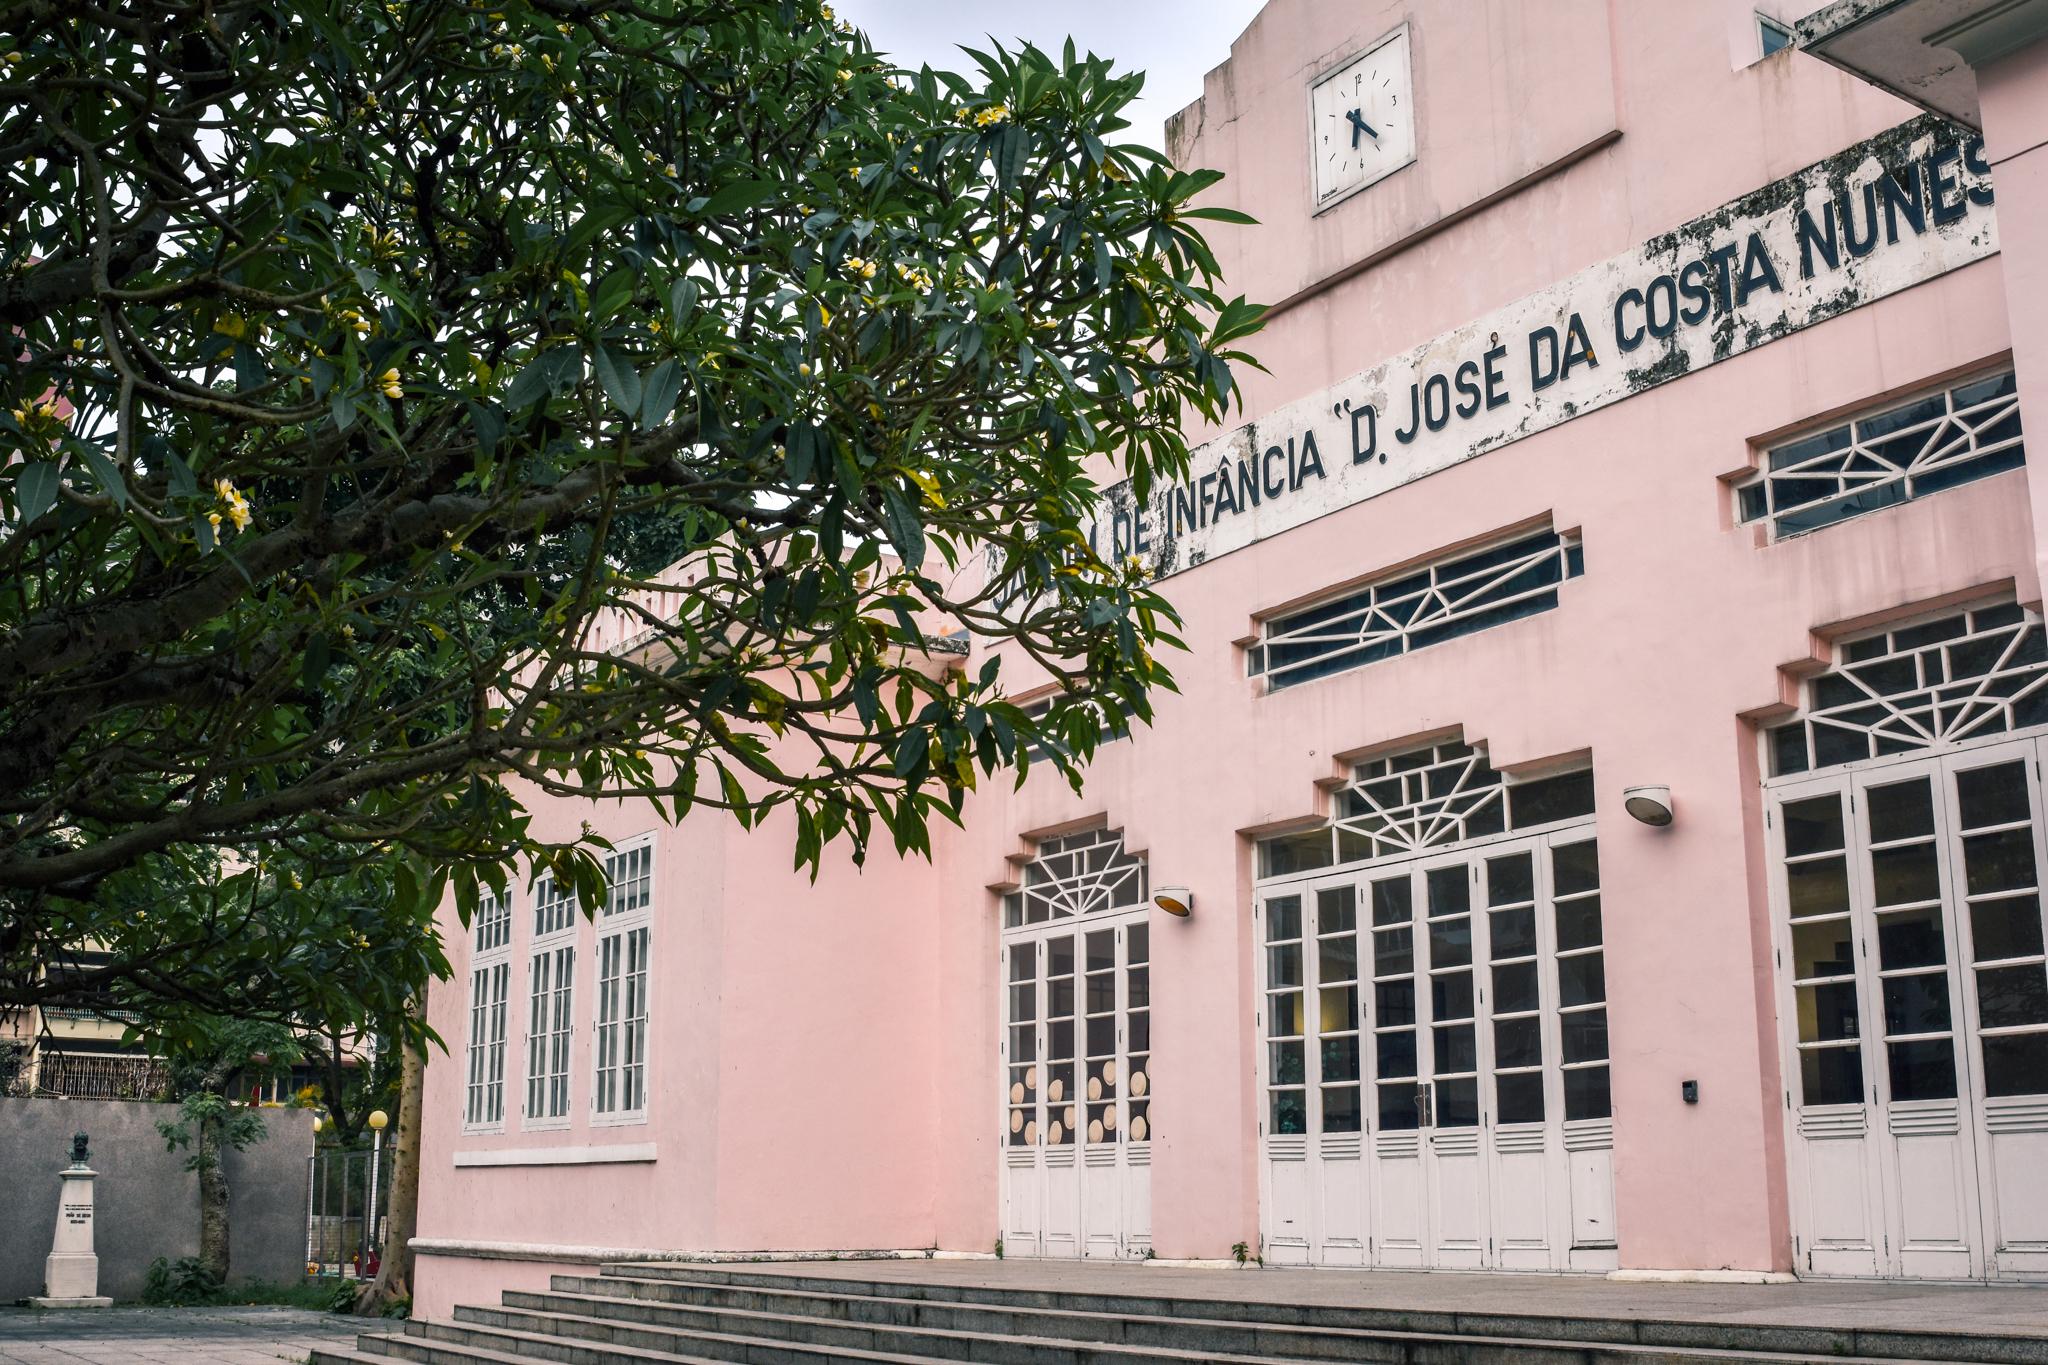 Costa Nunes | Ano lectivo começa sem professora de ensino especial